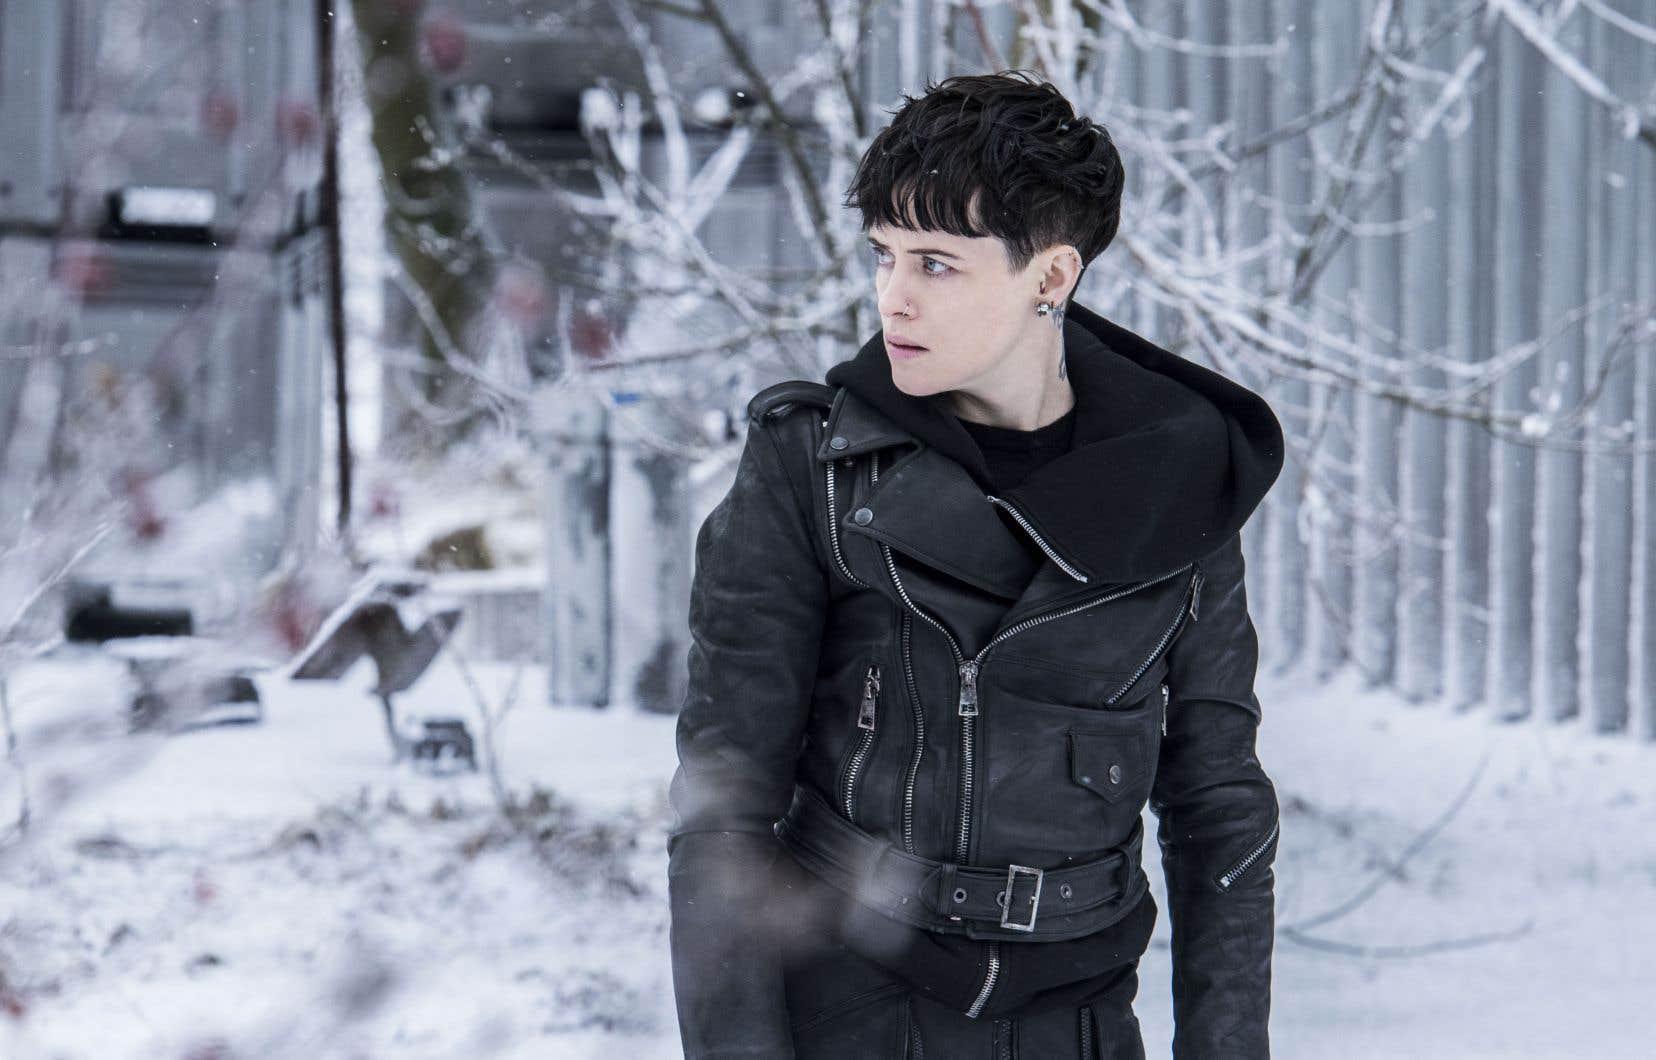 Dans l'adaptation au grand écran du quatrième tome de la saga «Millénium», Lisbeth Salander est devenue une version édulcorée du personnage imaginé par StiegLarsson.